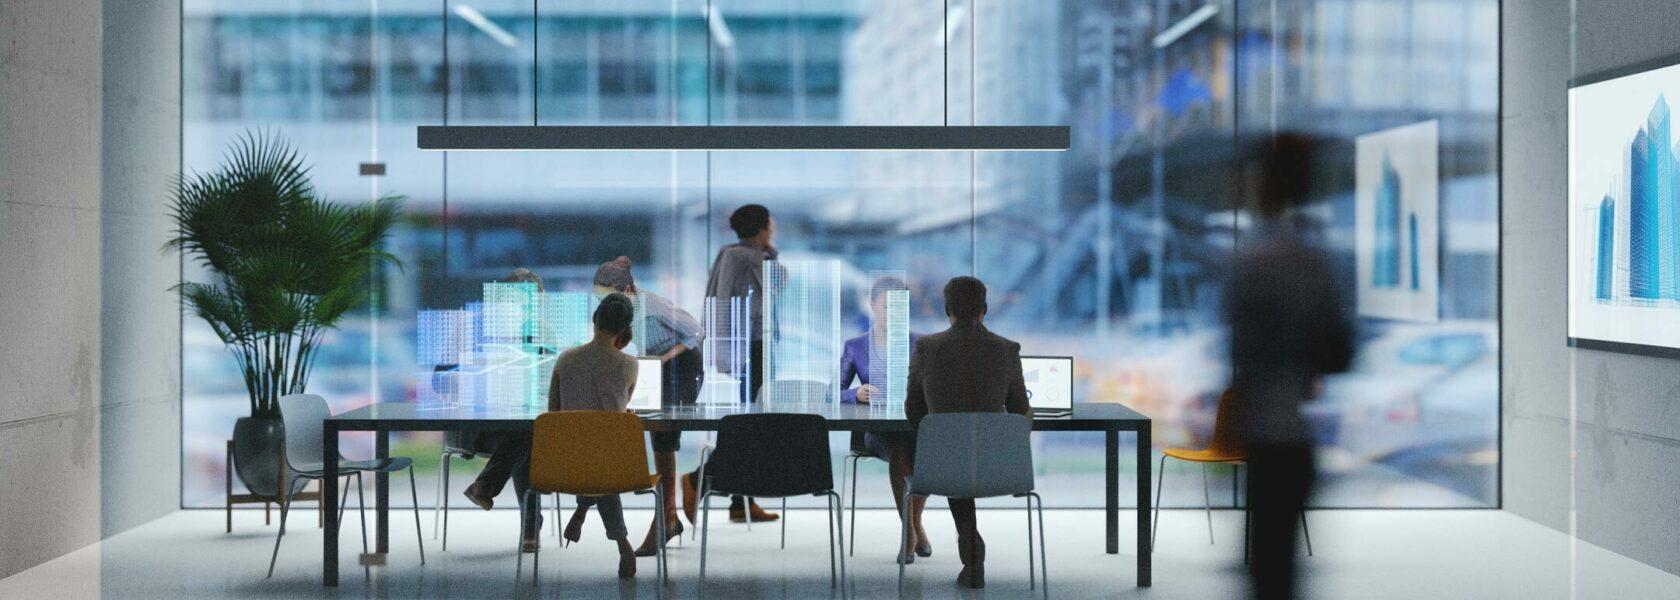 Espace de coworking avec table de travail holographique